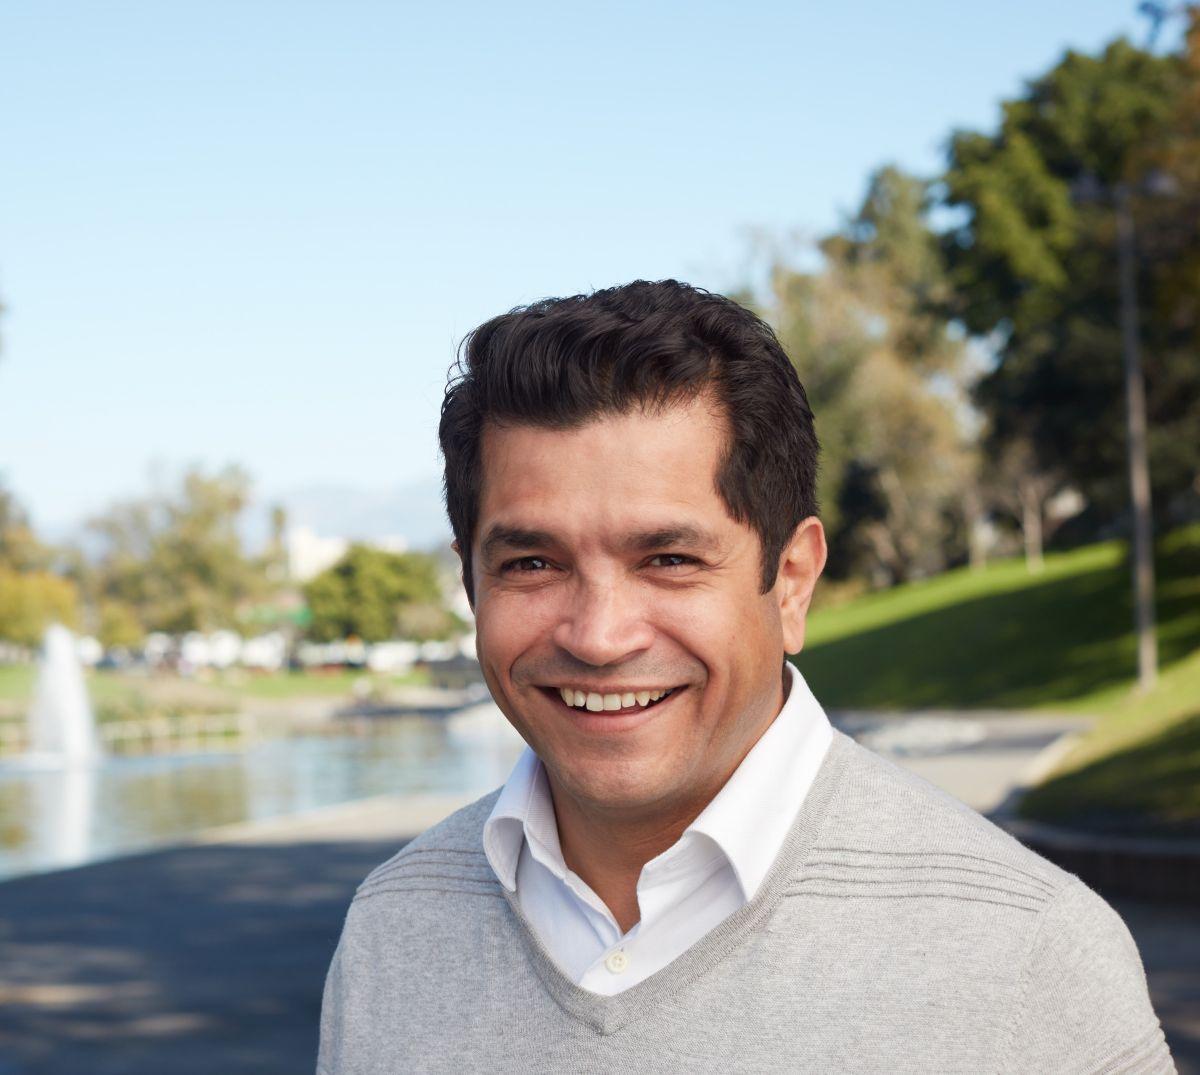 Candidatos al Congreso por el distrito 34: Conoce a Jimmy Gómez